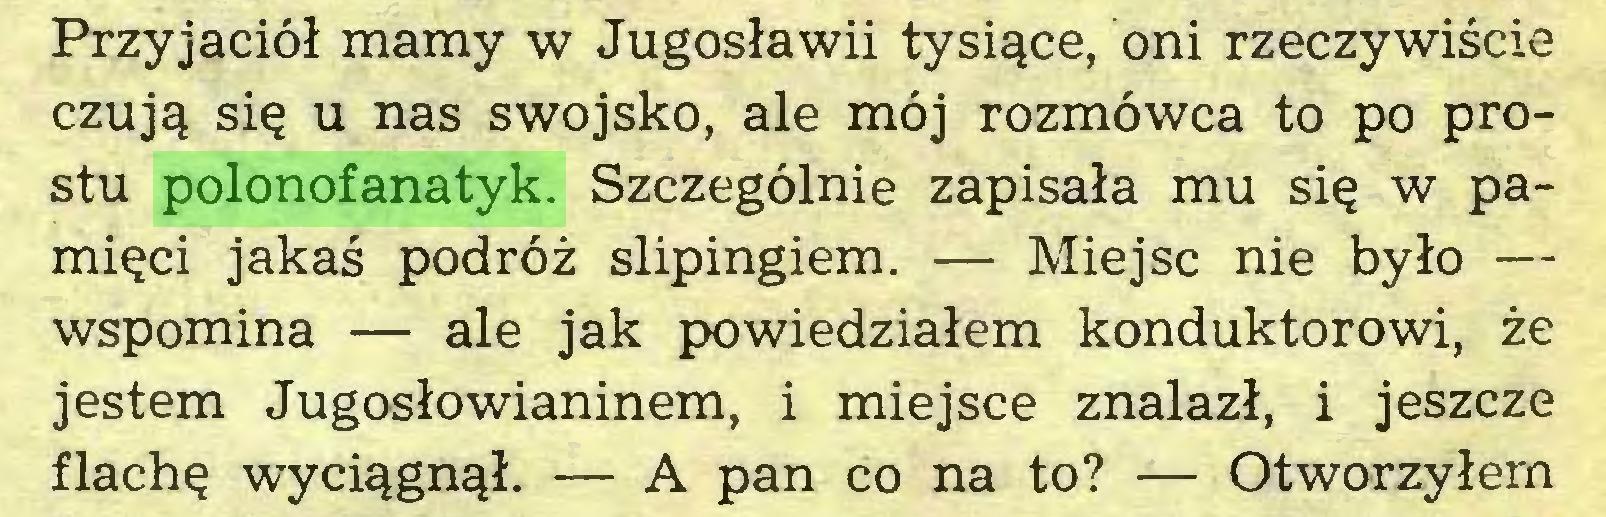 (...) Przyjaciół mamy w Jugosławii tysiące, oni rzeczywiście czują się u nas swojsko, ale mój rozmówca to po prostu polonofanatyk. Szczególnie zapisała mu się w pamięci jakaś podróż slipingiem. — Miejsc nie było — wspomina — ale jak powiedziałem konduktorowi, że jestem Jugosłowianinem, i miejsce znalazł, i jeszcze flachę wyciągnął. — A pan co na to? — Otworzyłem...